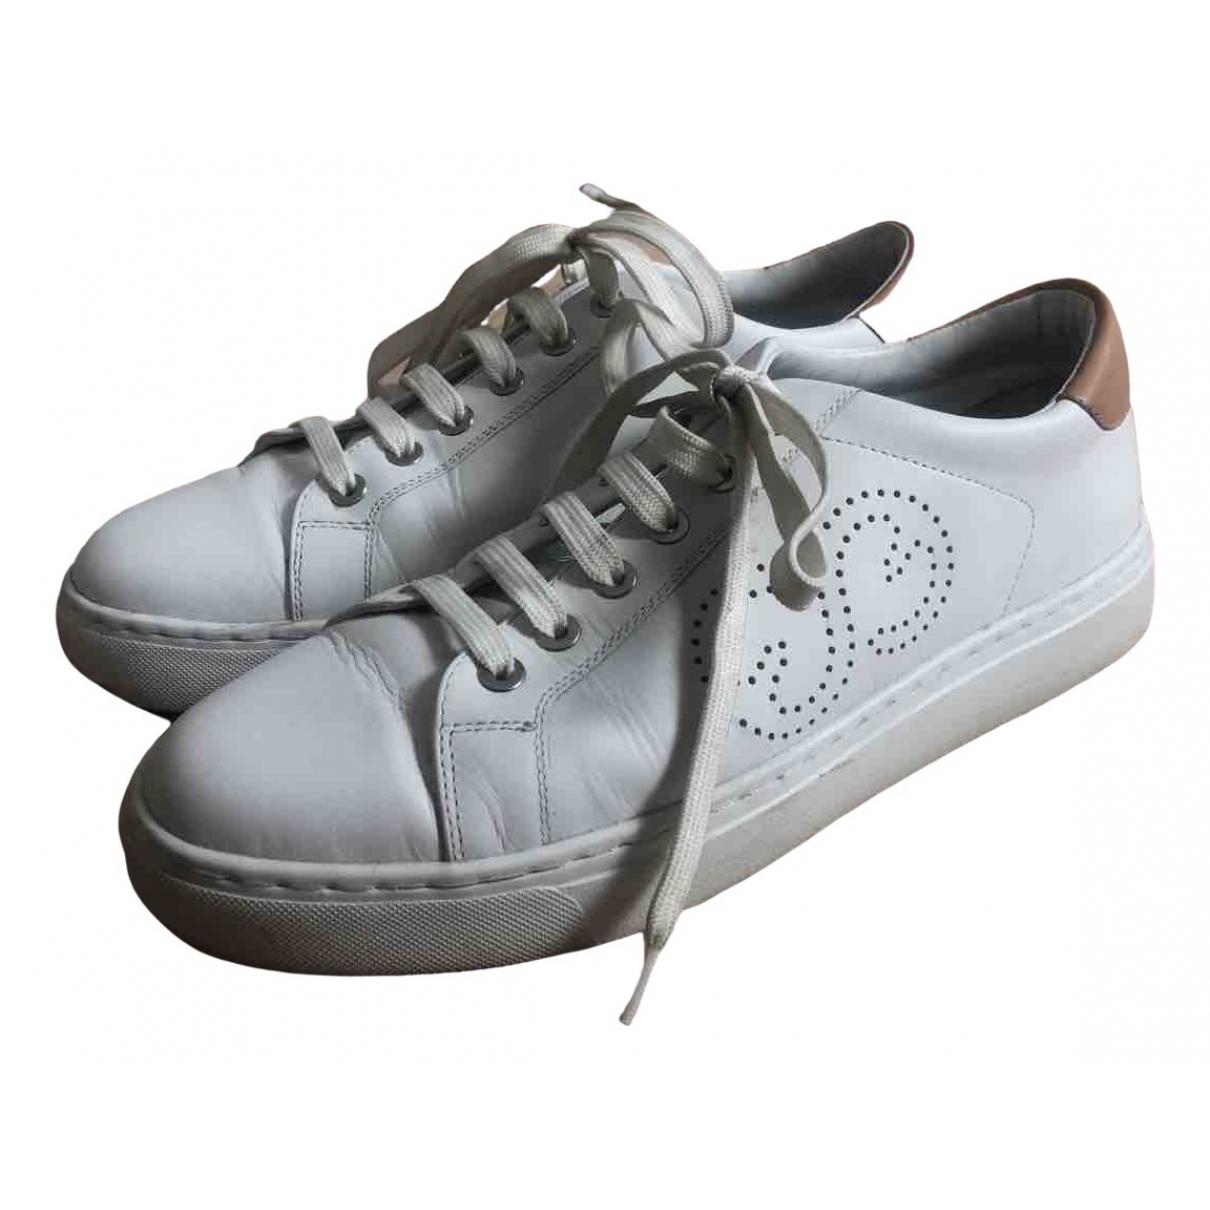 Escada \N Sneakers in  Weiss Leder